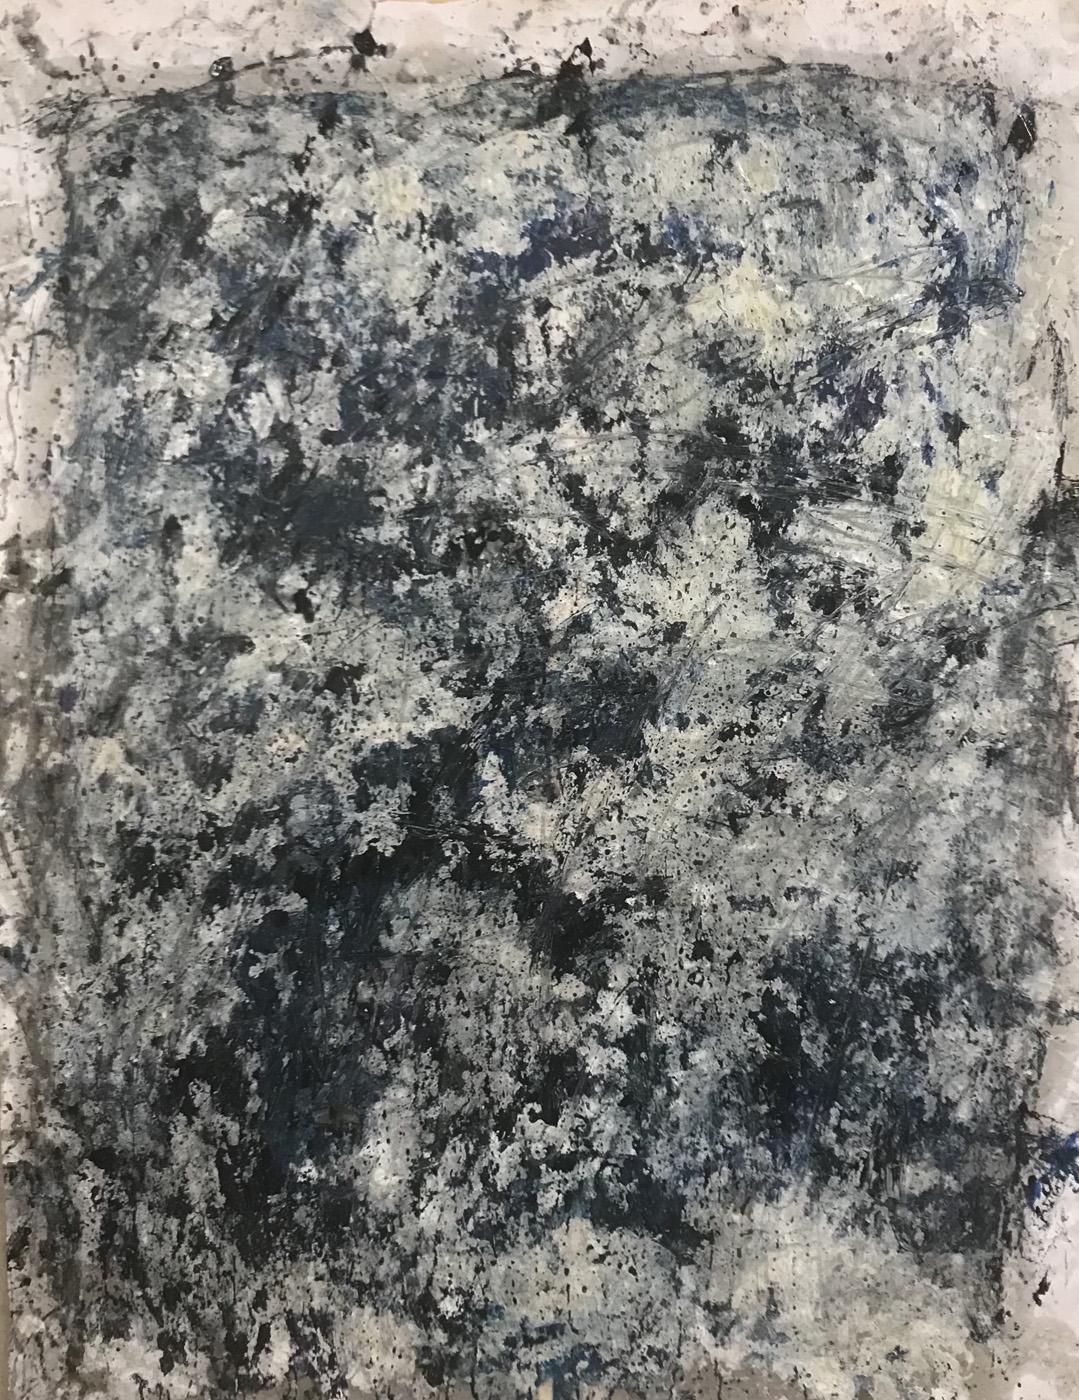 MARC FELD 2021 SANG NOIR série MURAILLES MÉMOIRES Huile gouache et acrylique sur papier 130 x 96 cm